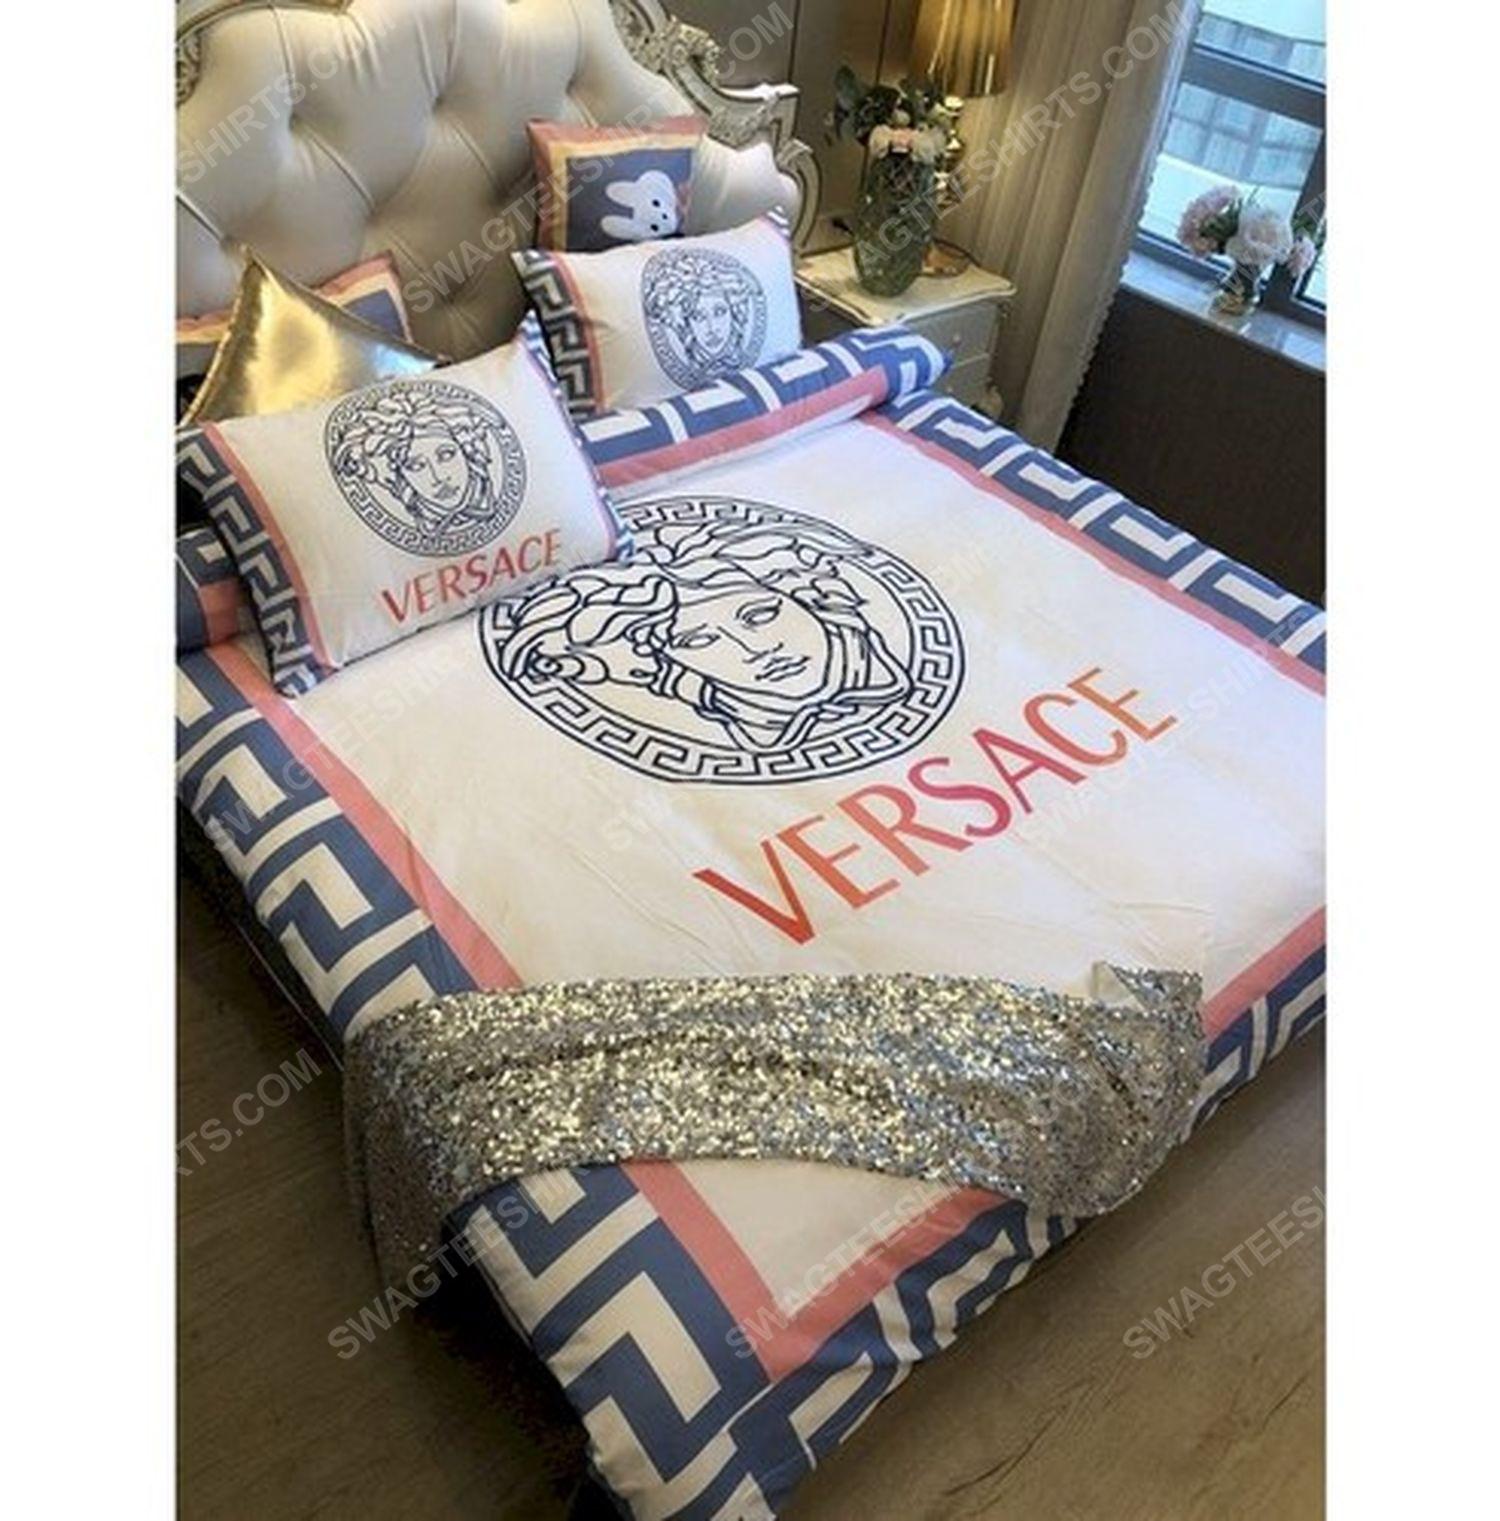 Versace home cream version full print duvet cover bedding set 3